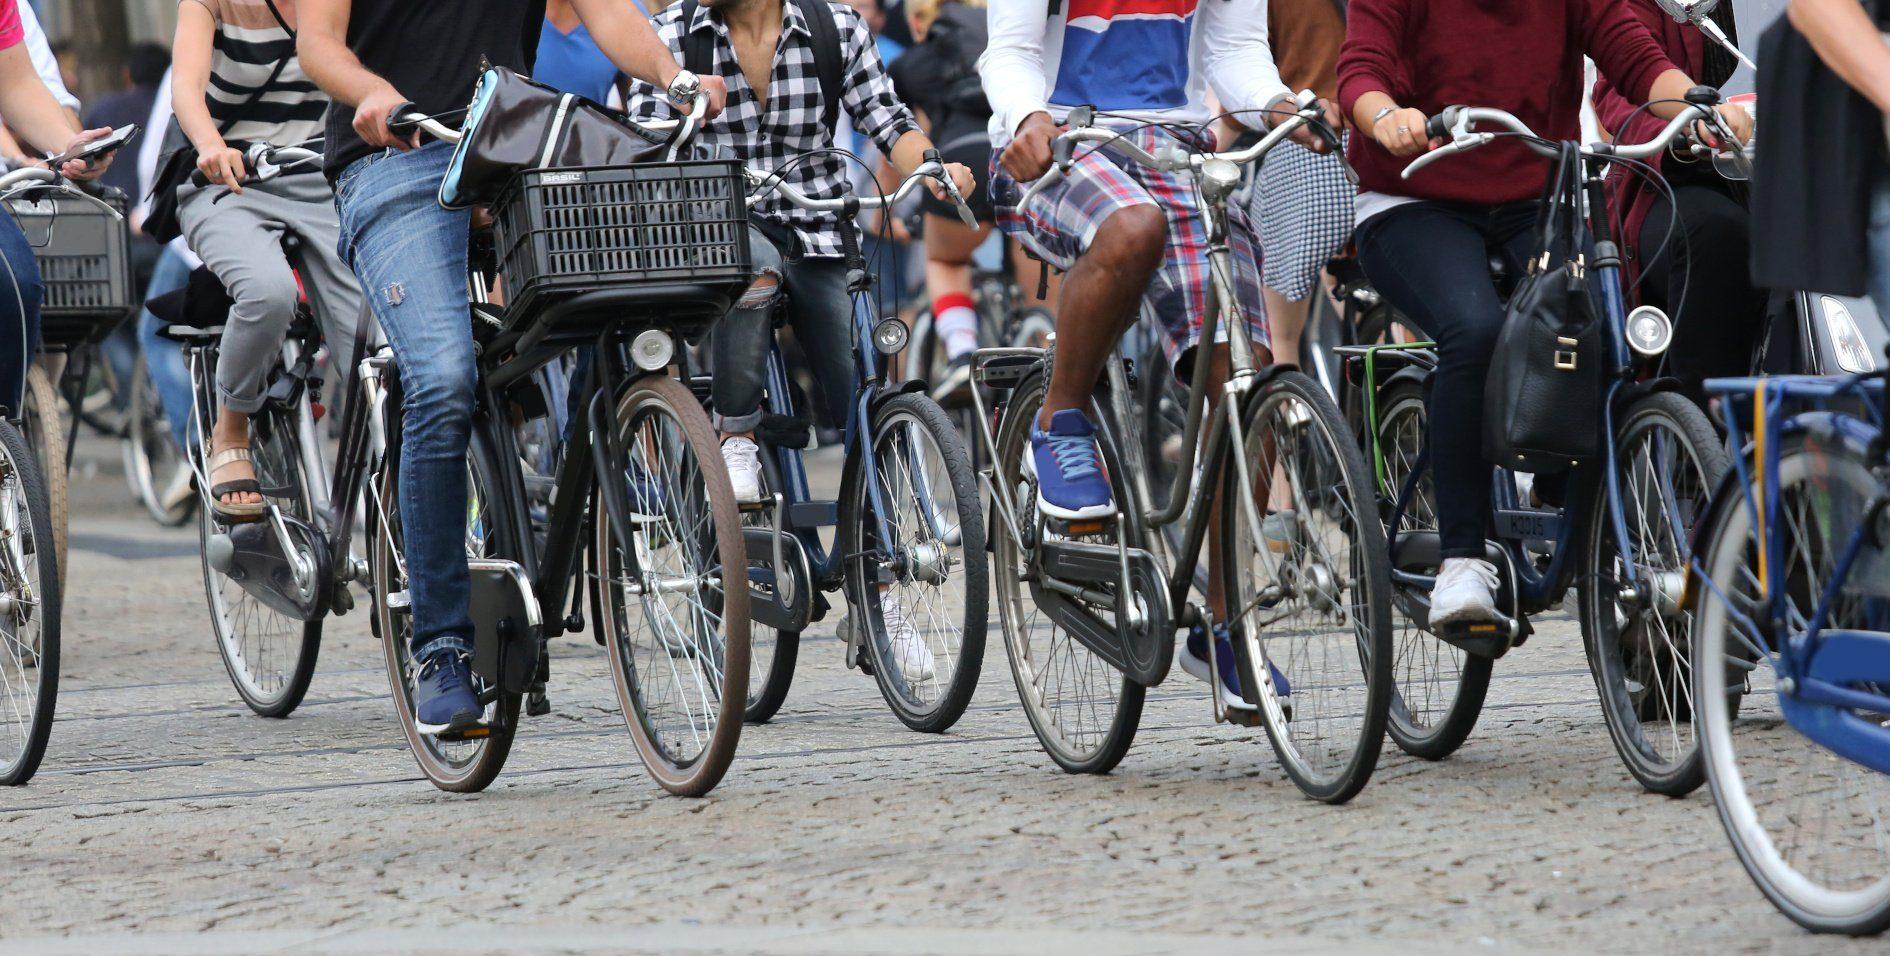 Die boomende Fahrradbanche hat eine große, wirtschaftliche Bedeutung für Deutschland, Dienstfahrräder sind Wachstumstreiber